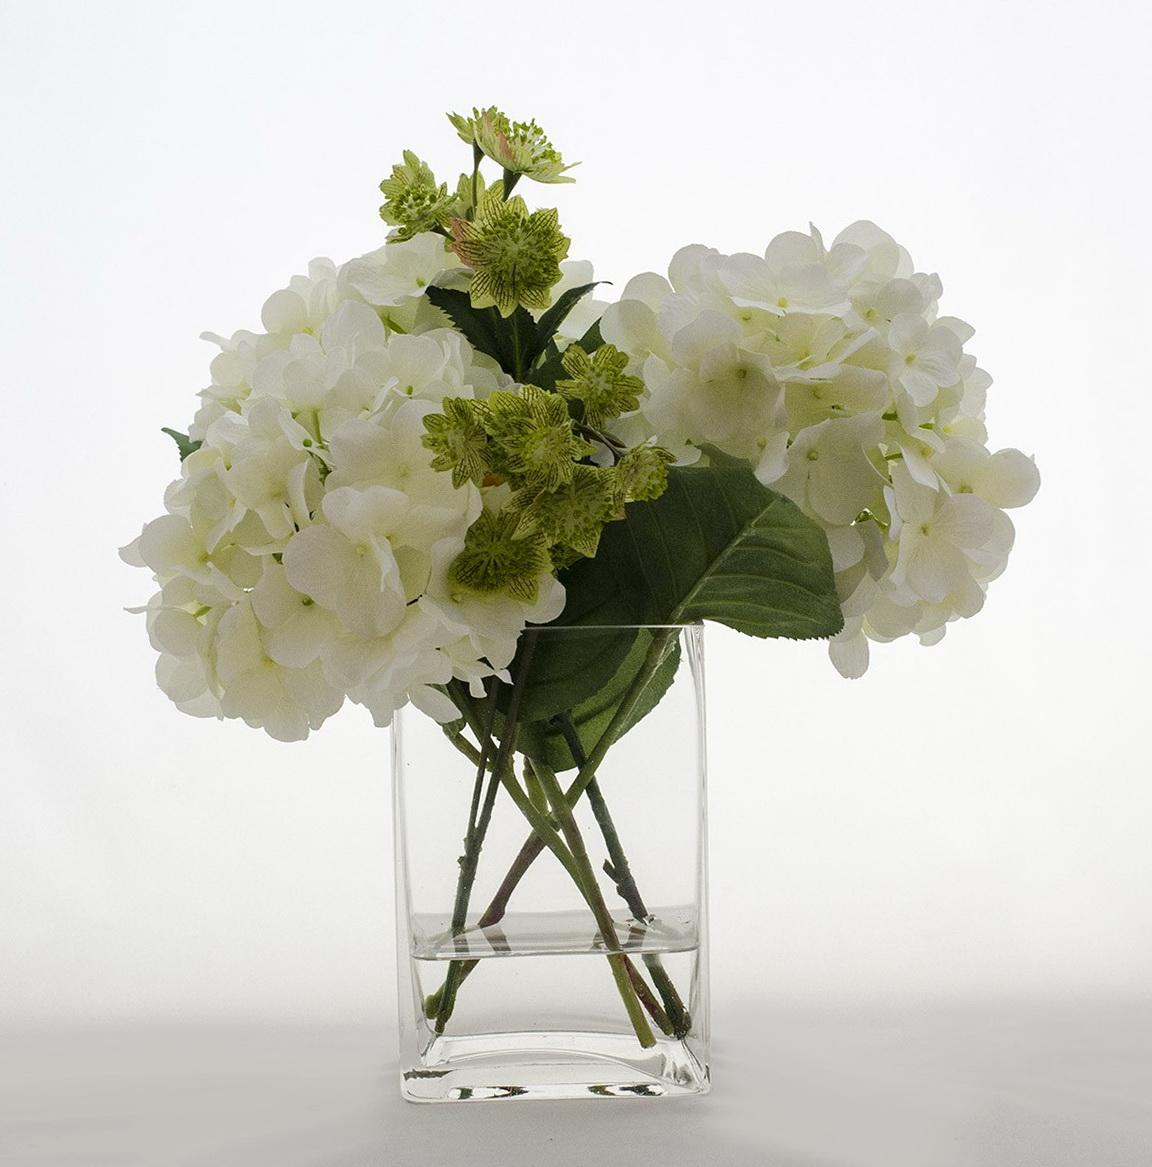 Faux Hydrangea Arrangement In Clear Glass Vase